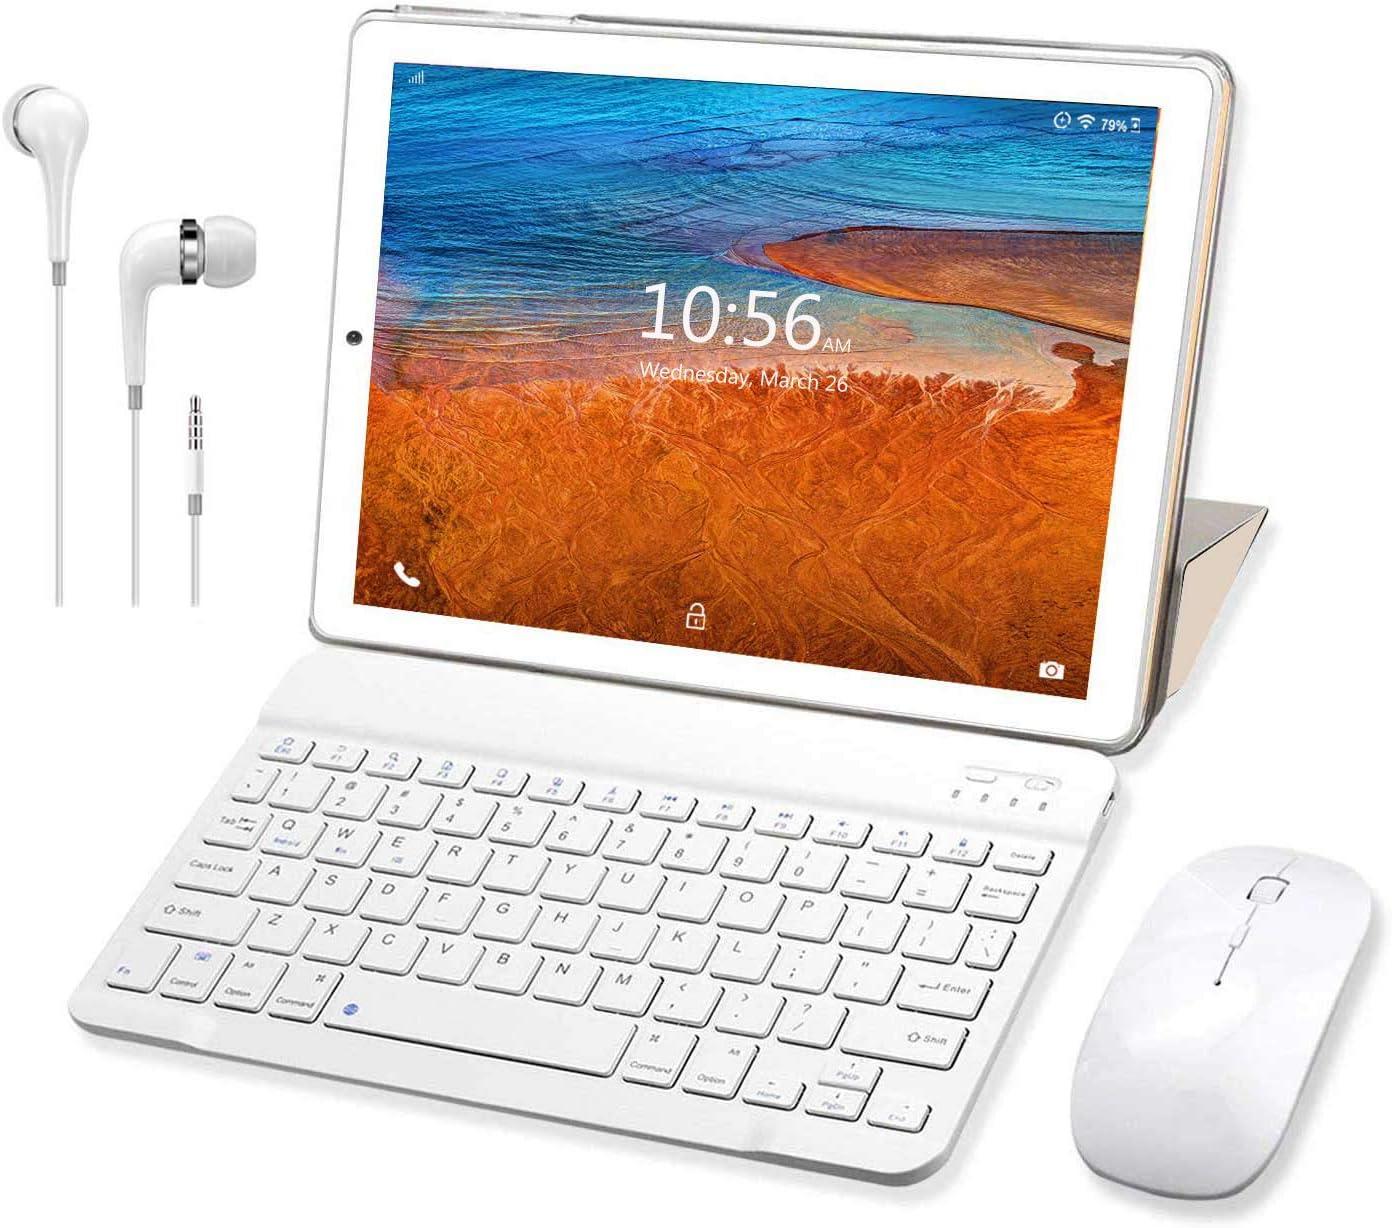 Tablet 10 Pulgadas Buenas 4G RAM 3GB 32GB ROM Android 9.0 Pie Tableta con Teclado y Mouse Quad-Core Dual SIM WiFi Buenas Tabletas de función de Llamada 4G GPS 8500mAh